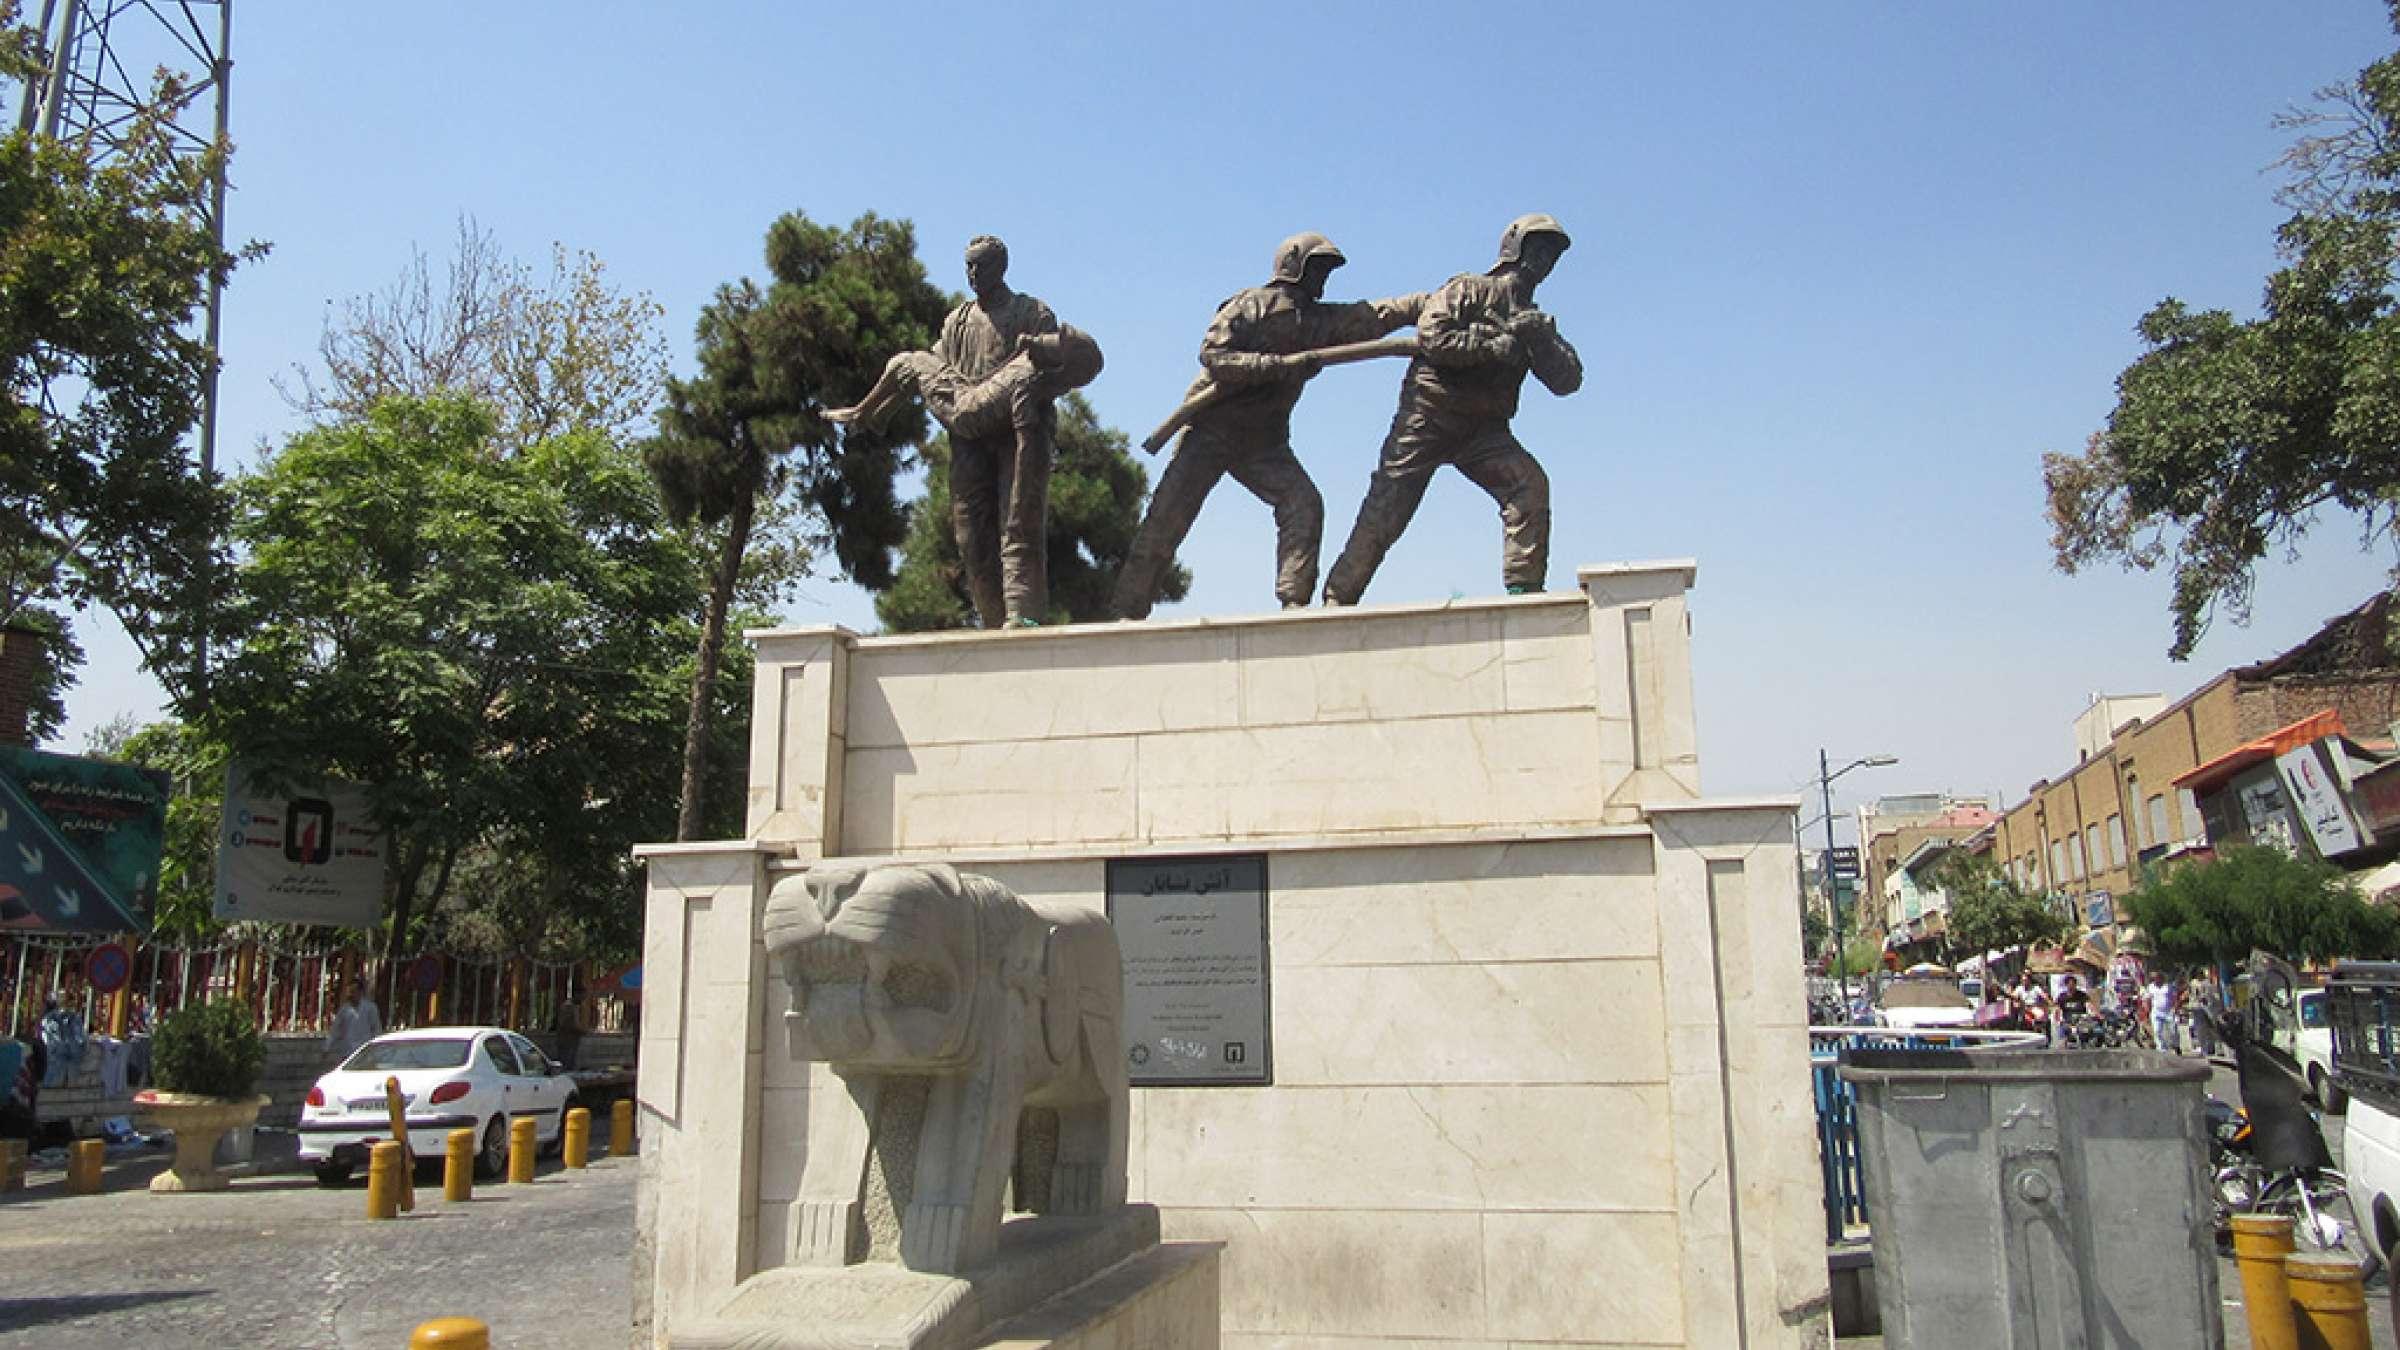 ادبیات-گلمحمدی-گزارش-آتش-سوزی-میدان-حسنآباد-تهران-مجسمه